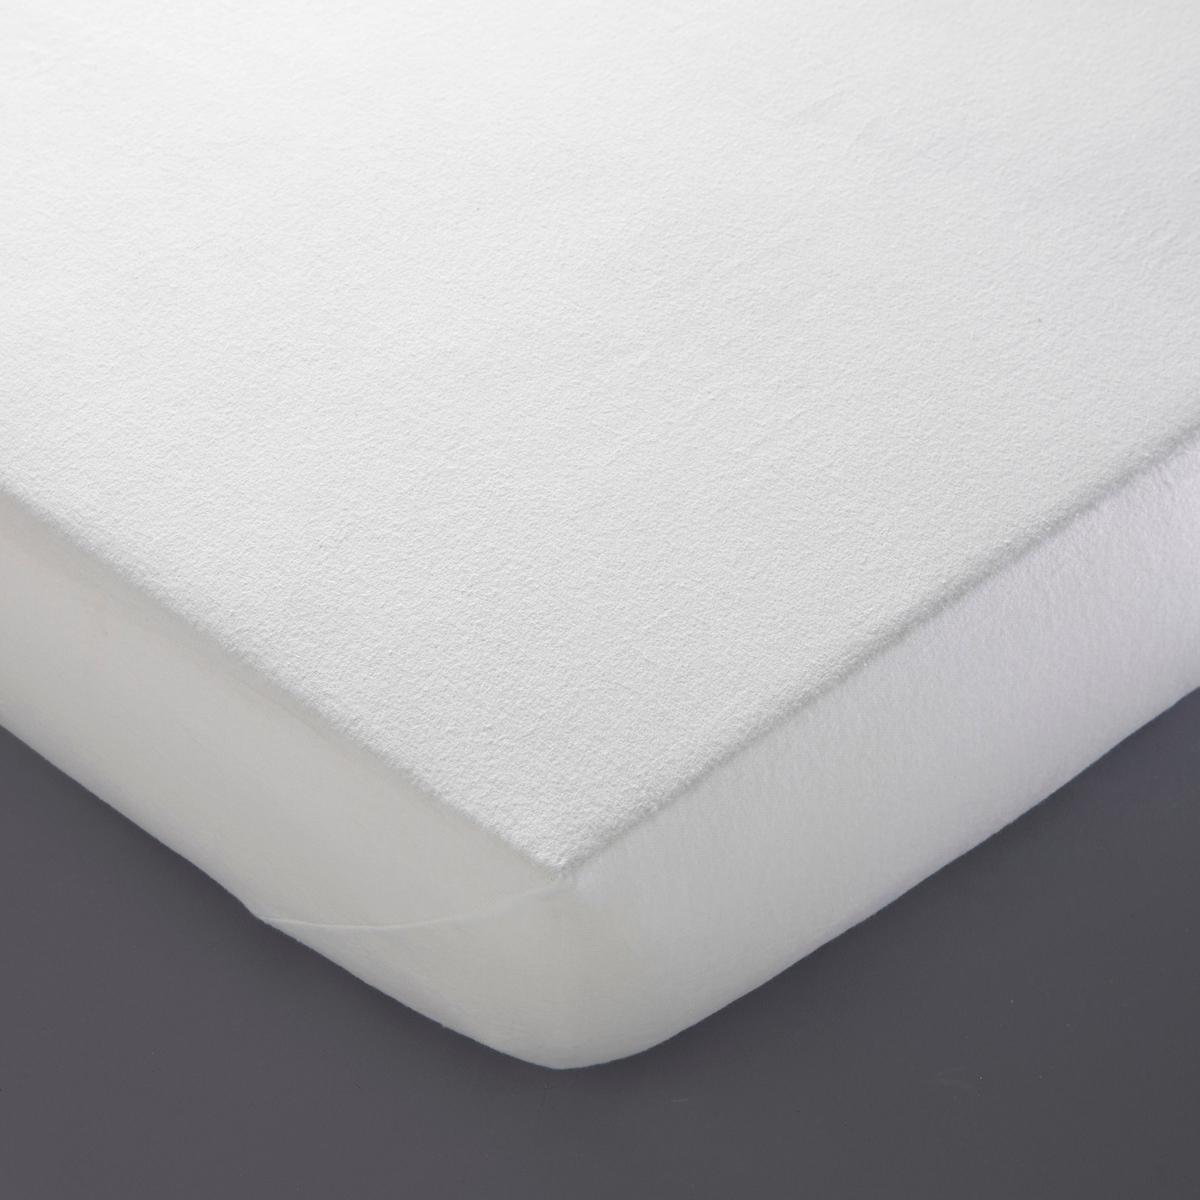 Чехол LaRedoute Защитный для матраса из мольтона 160 x 200 см белый чехол laredoute для кровати 100 льна 160 x 200 см белый